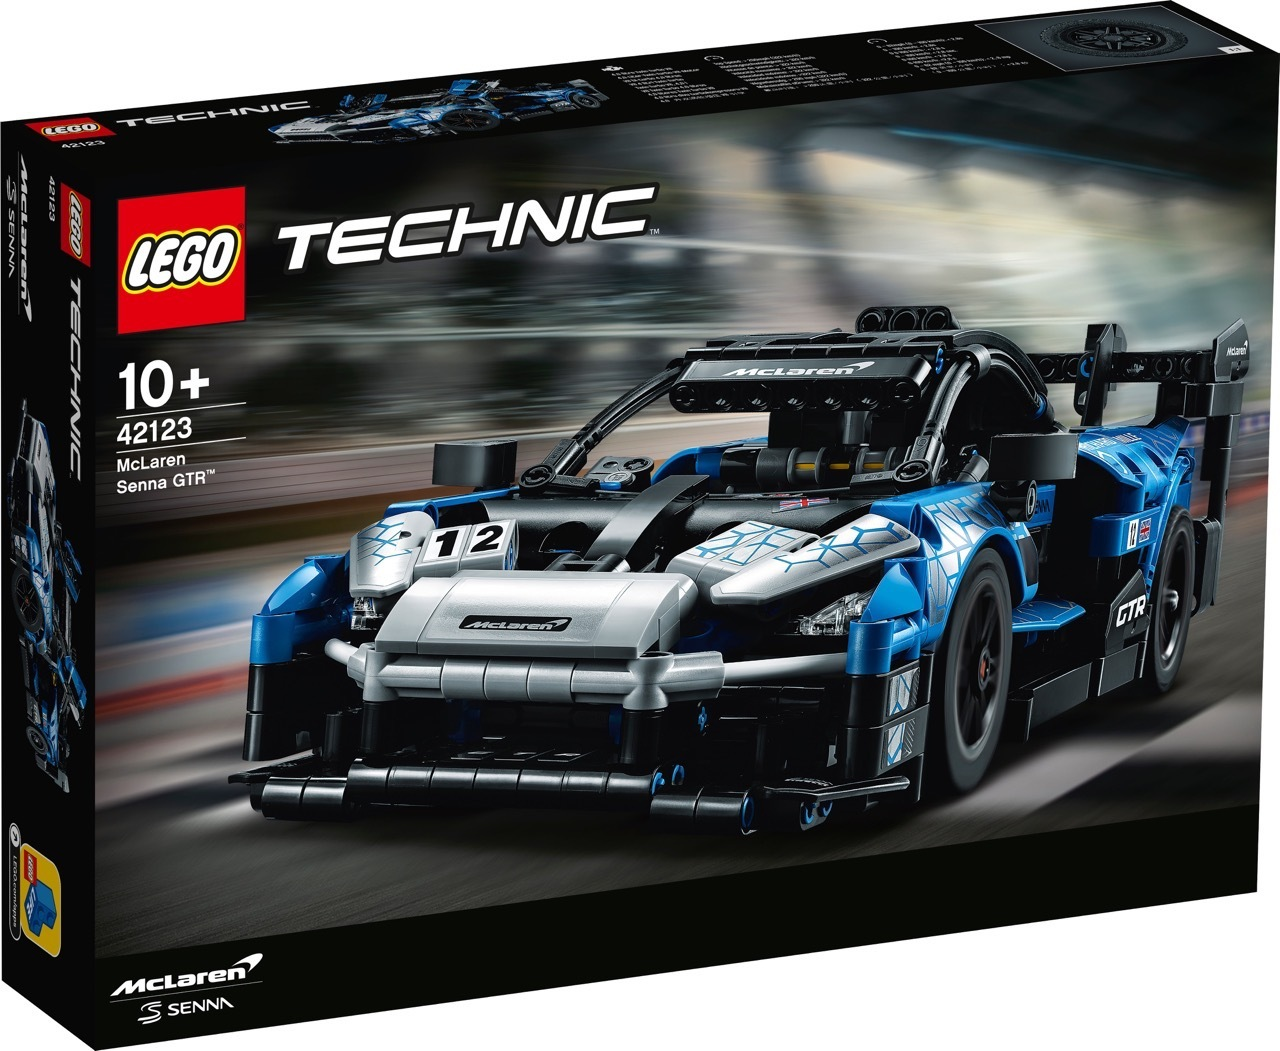 McLaren Senna GTR - Lego